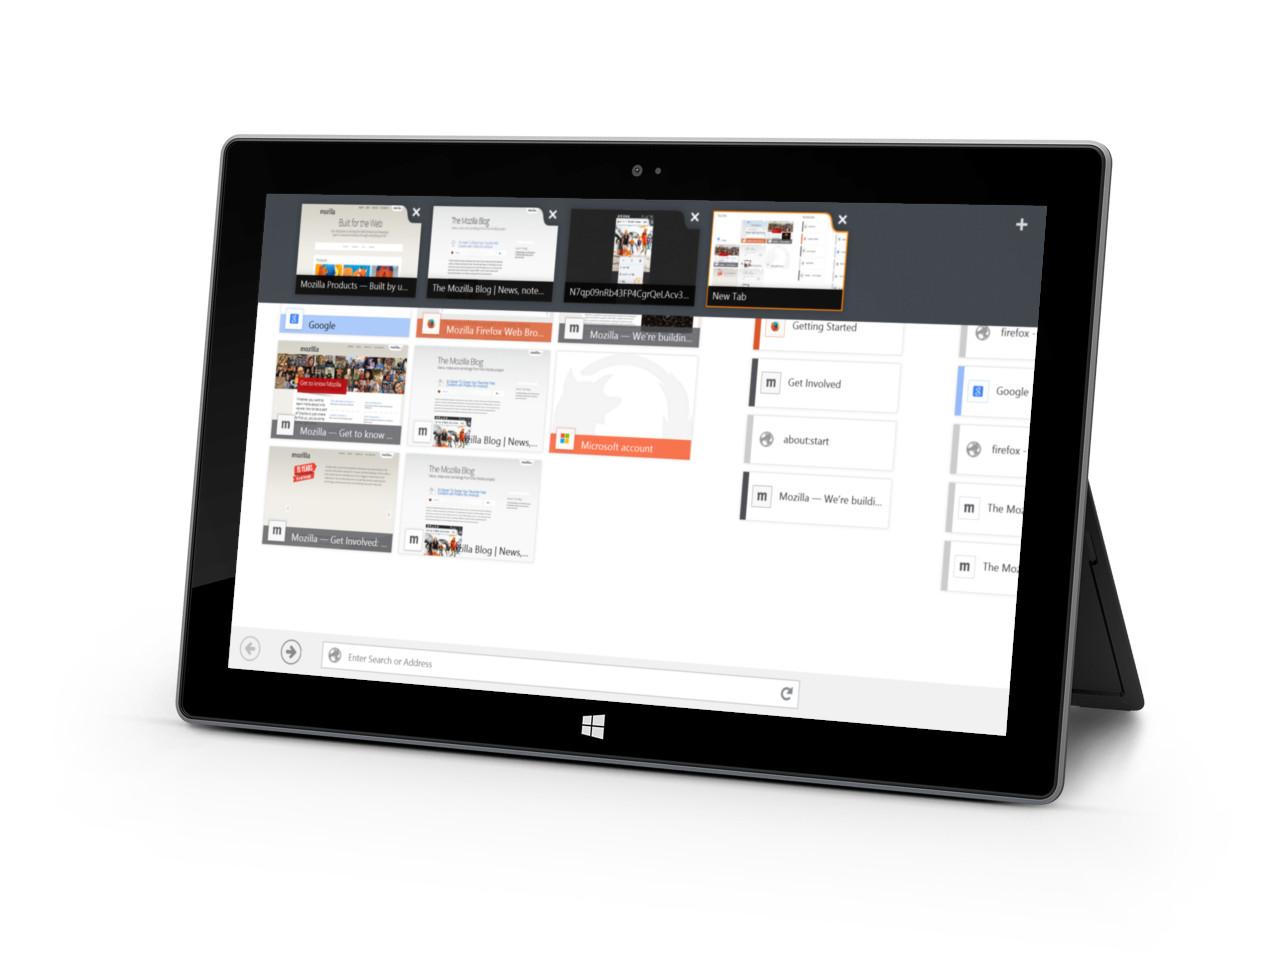 موزيلا تُطْلق الإصدار التجريبي من تطبيق فايرفوكس على ويندوز 8 - عالم التقنية